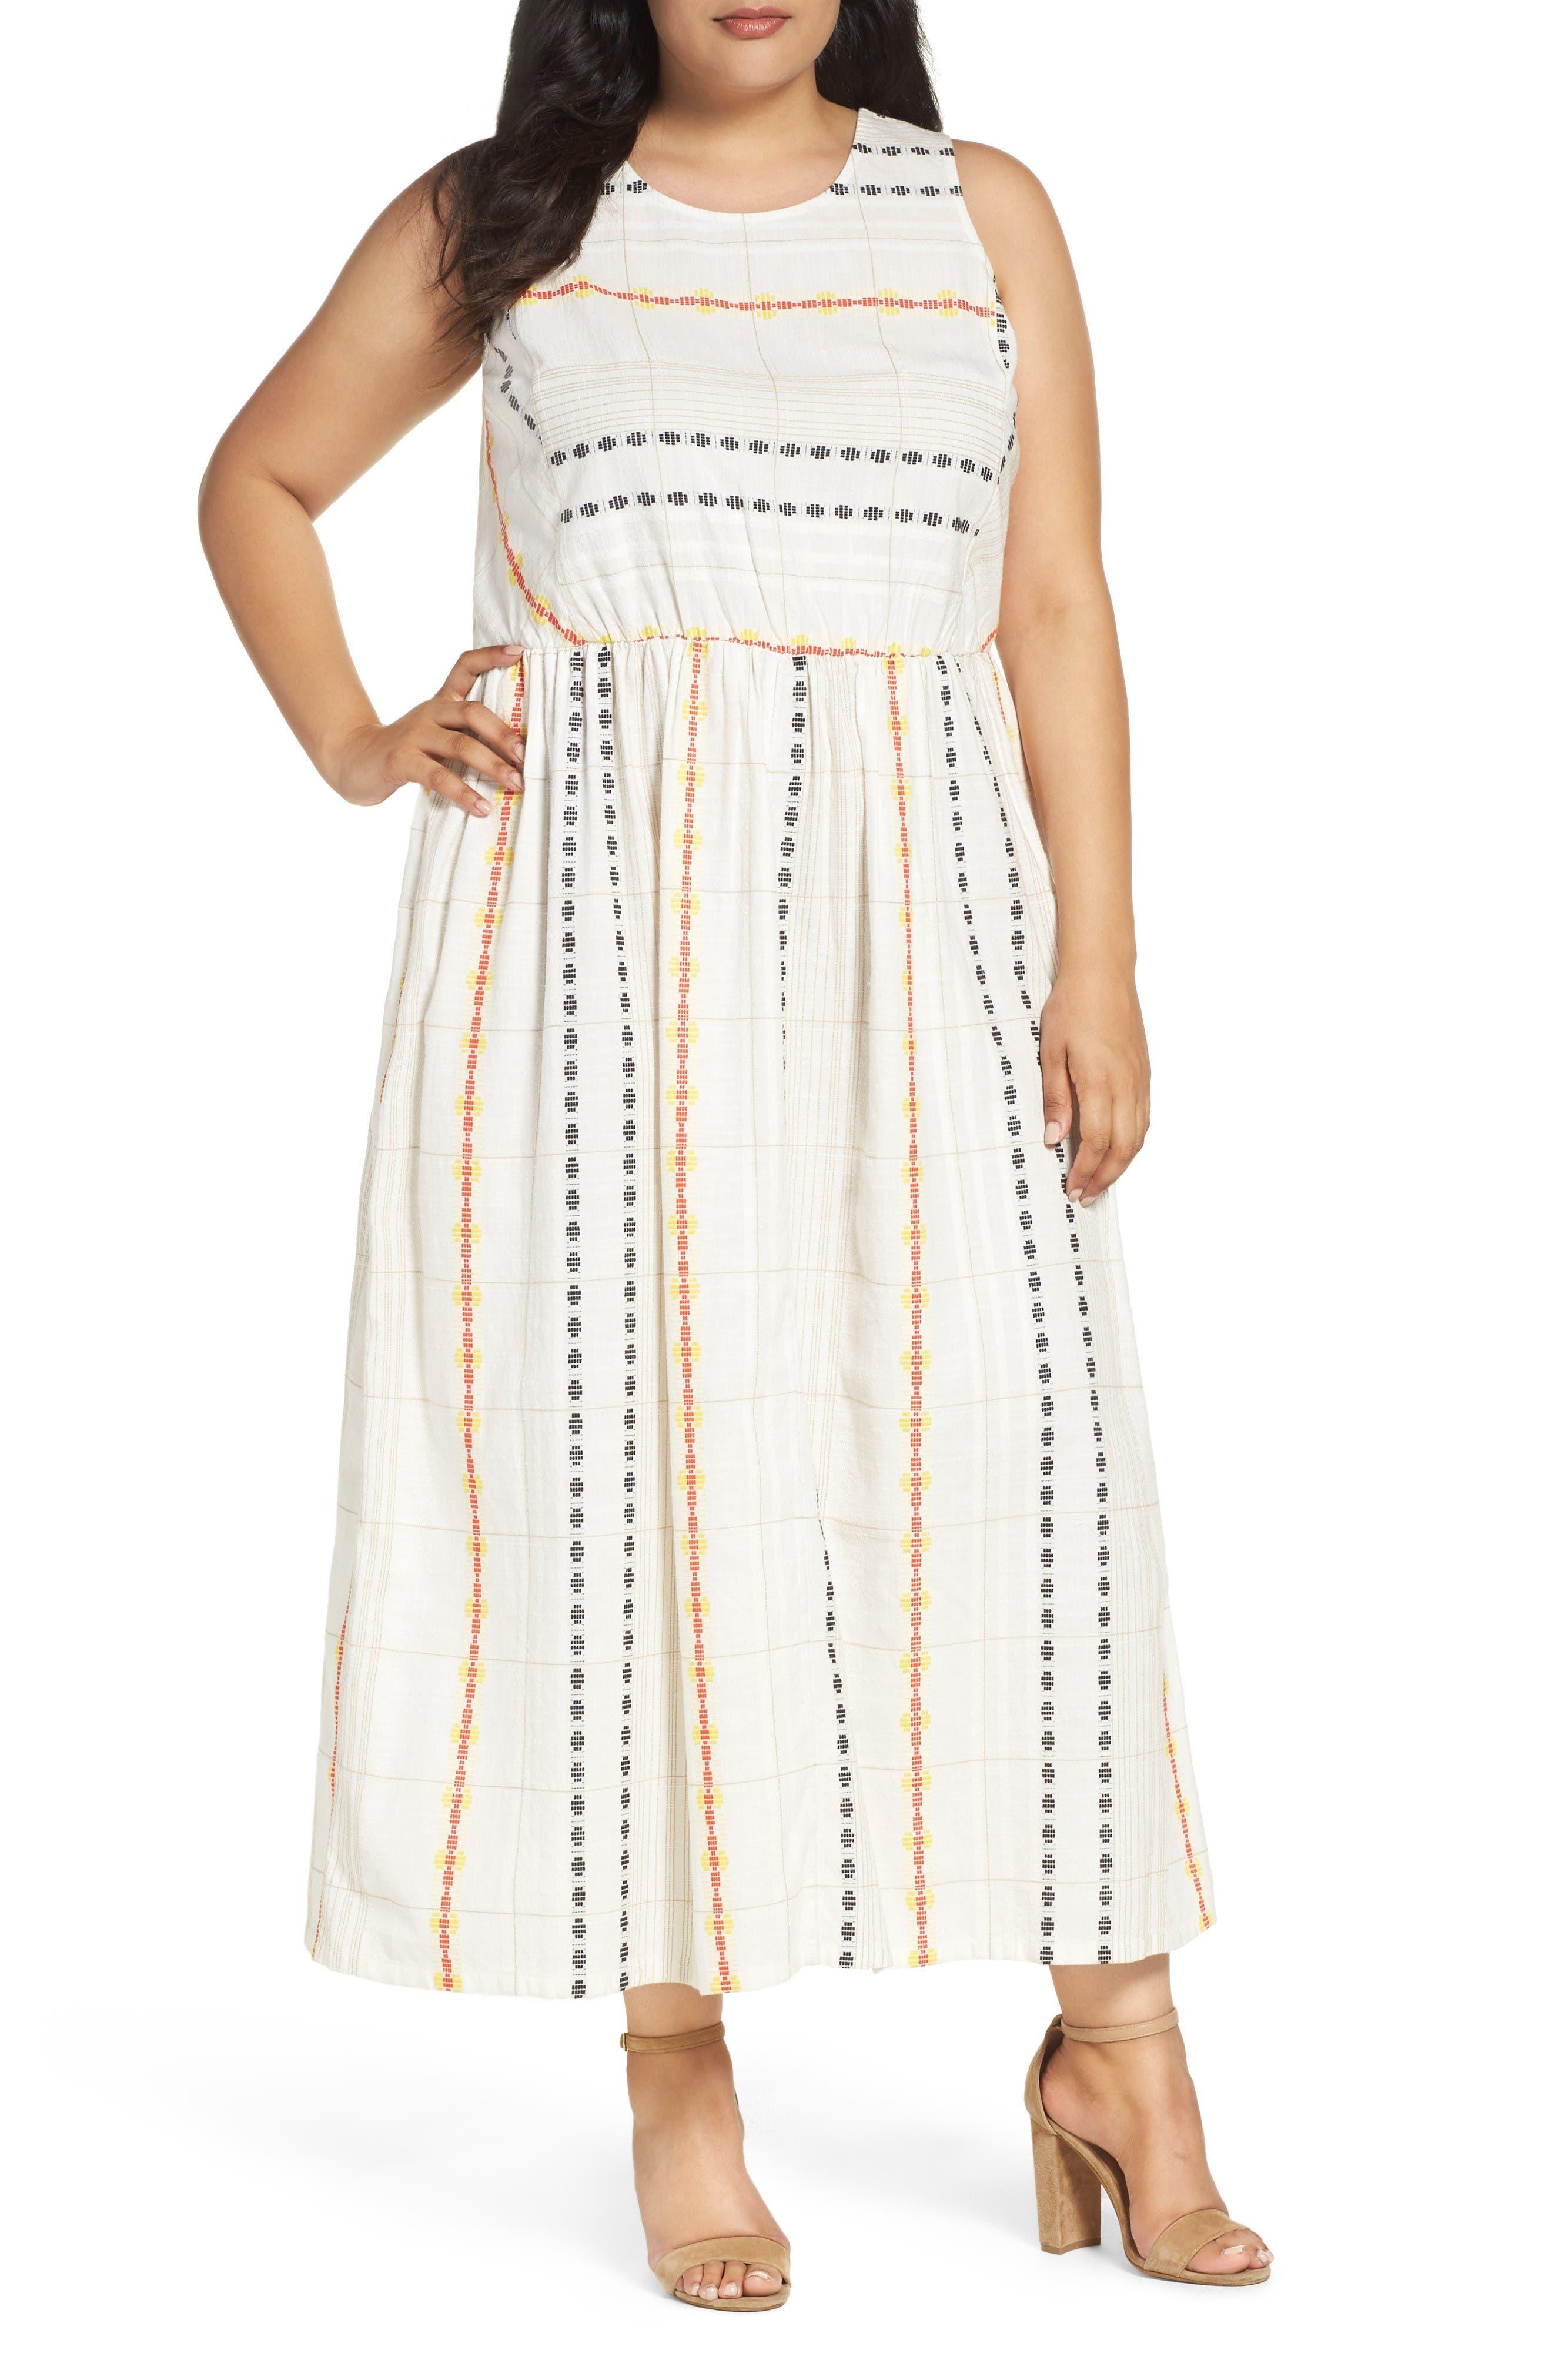 Alternate Image 1 Selected - Caslon® Cotton Maxi Dress (Plus Size)